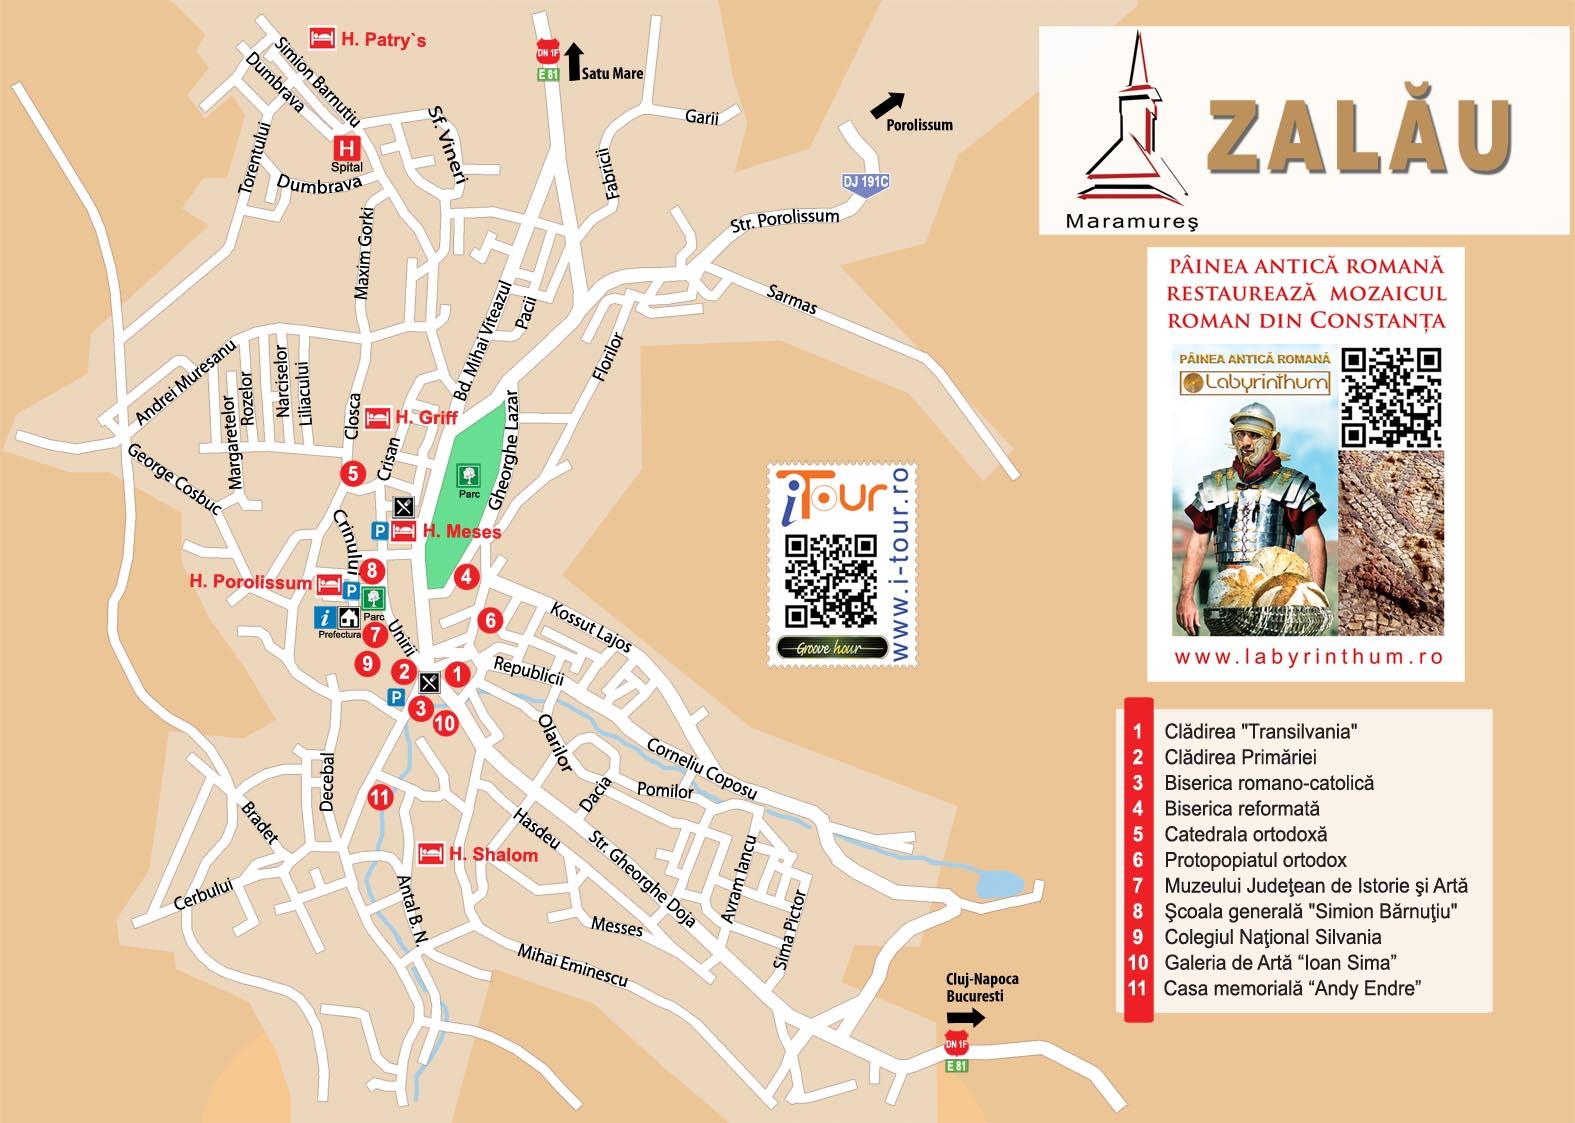 Harta Zalau I Tour Proiect Național De Promovare Turistică